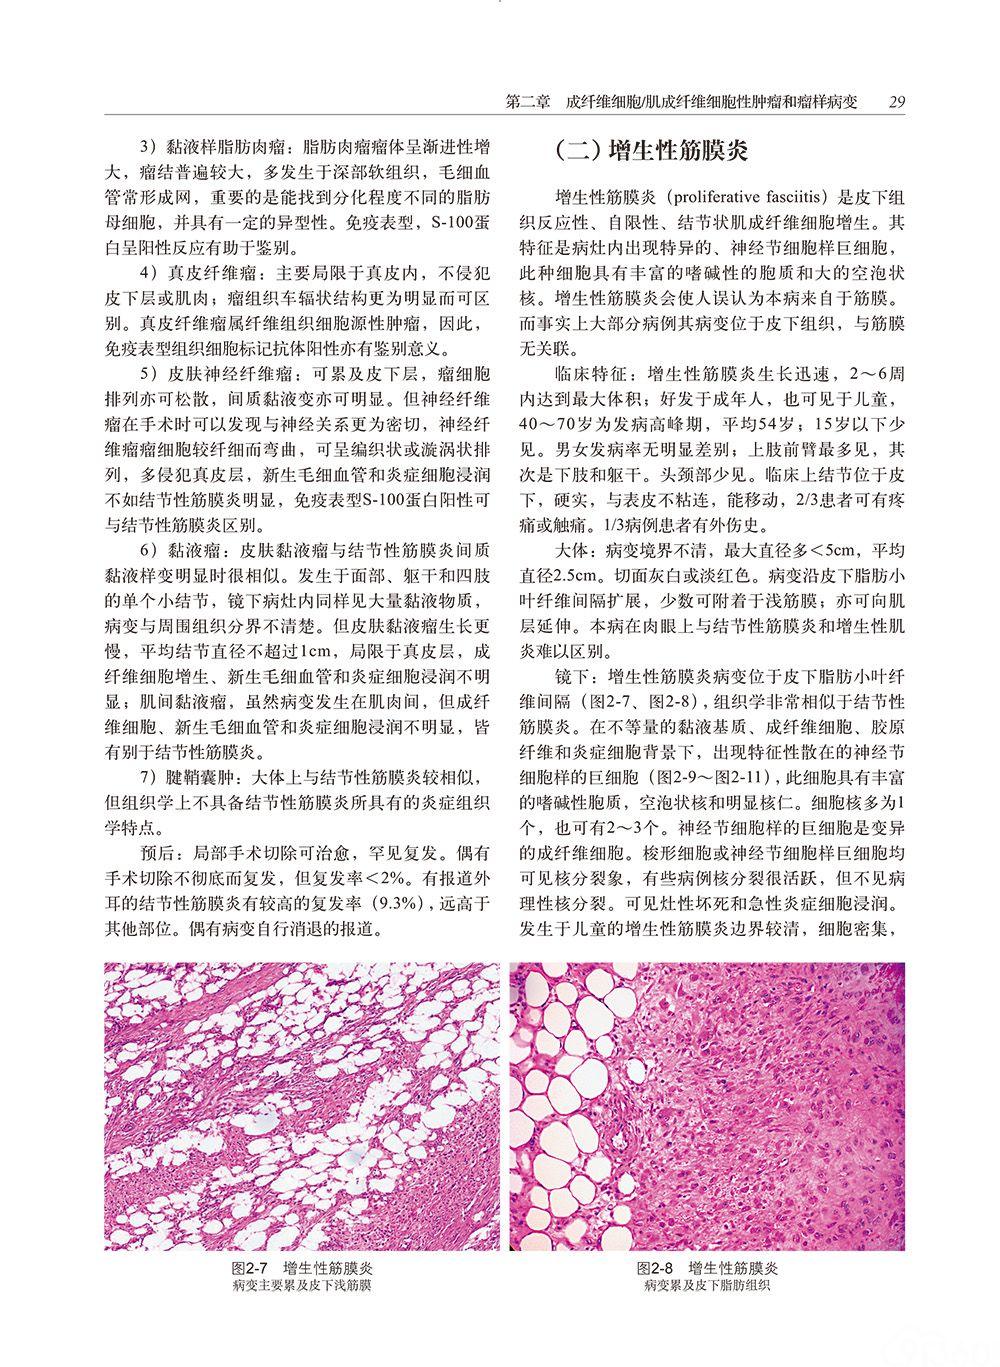 【好书推荐】软组织肿瘤病理学